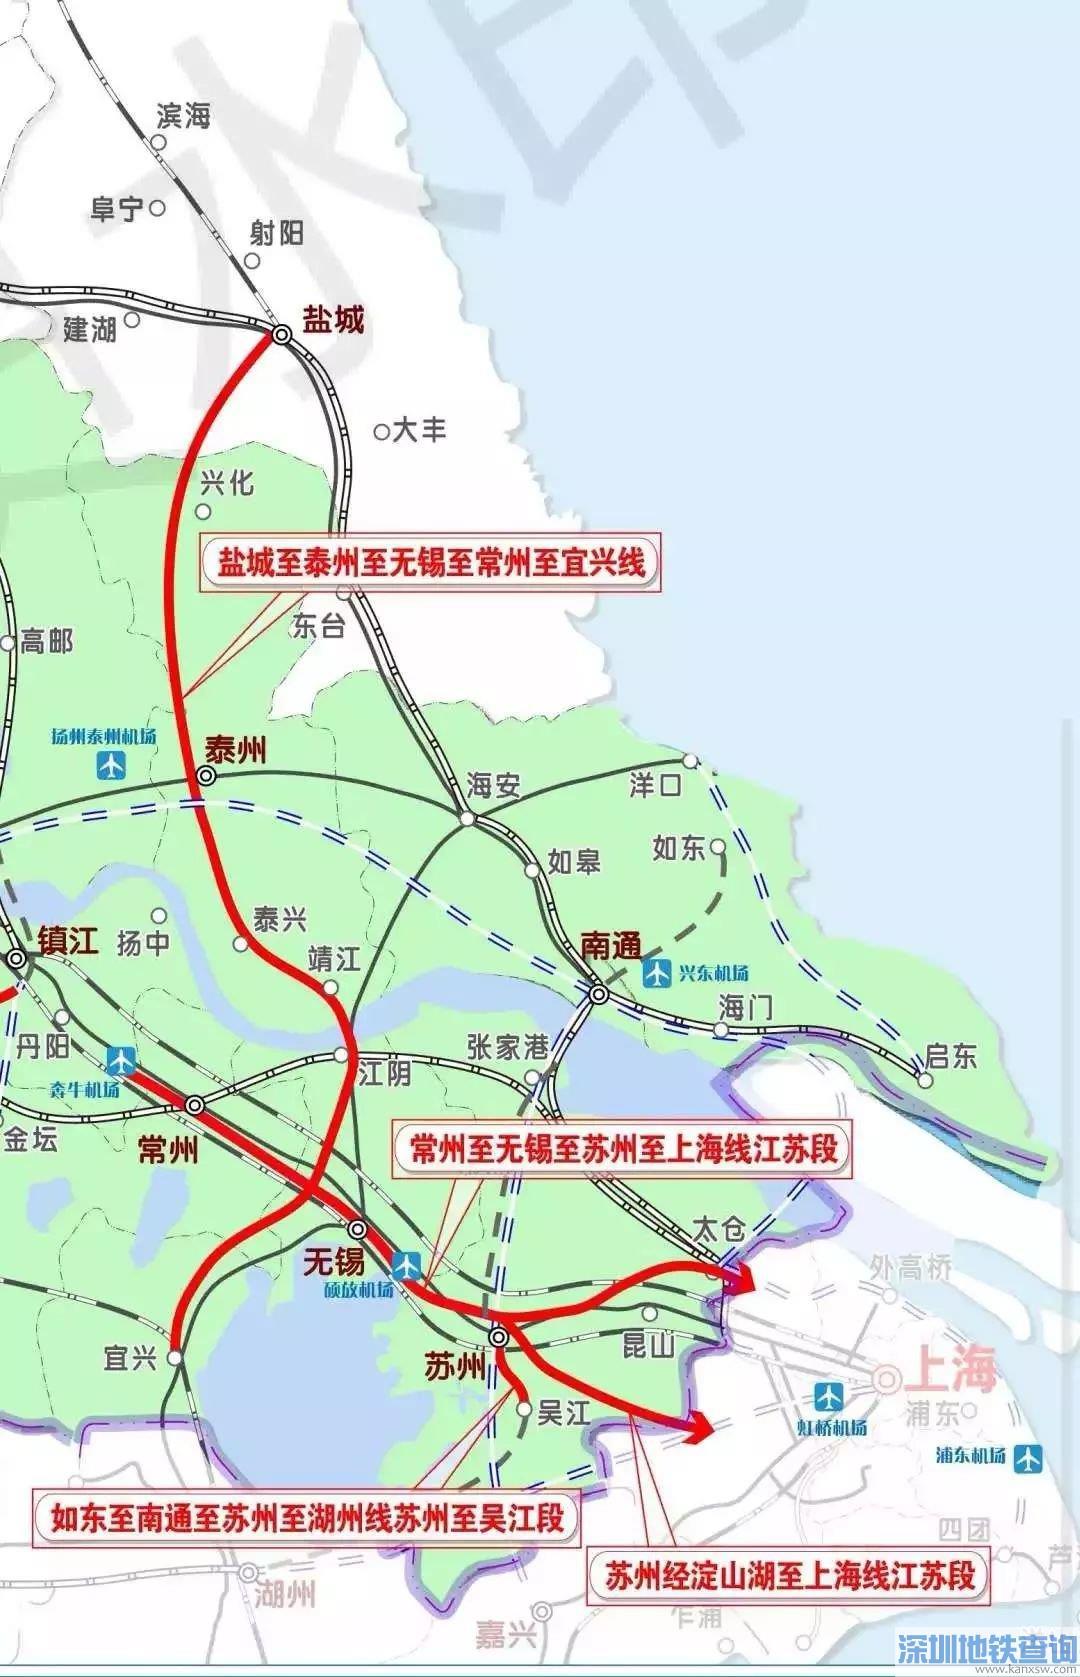 苏锡常快线无锡段最新规划图